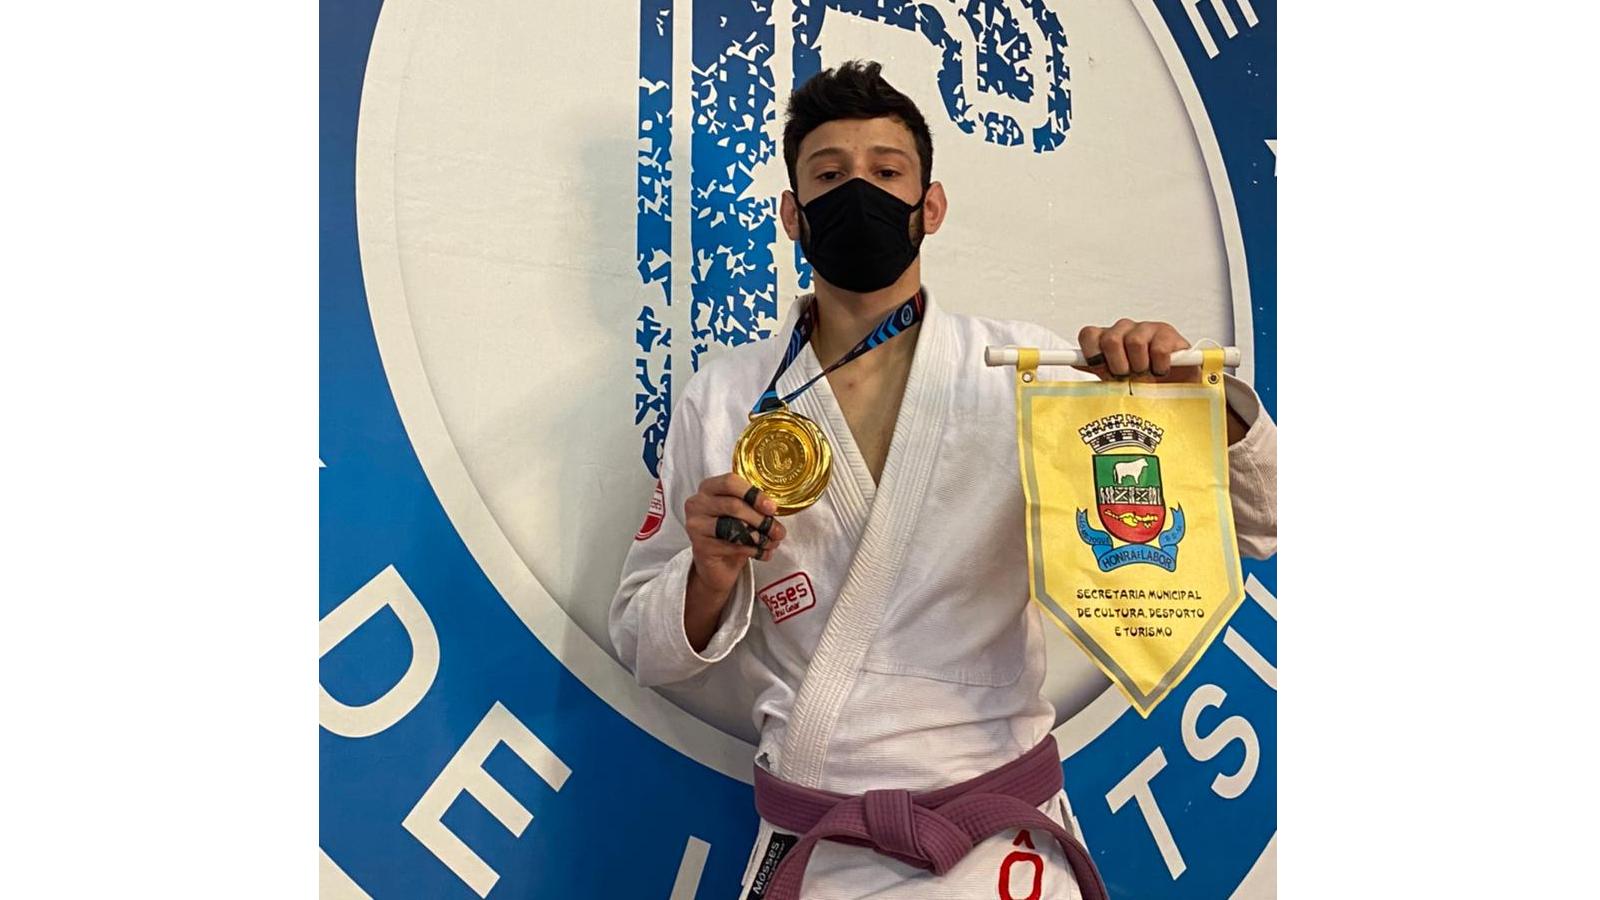 Não-Me-Toquense se destaca na Copa Prime de Jiu-Jitsu